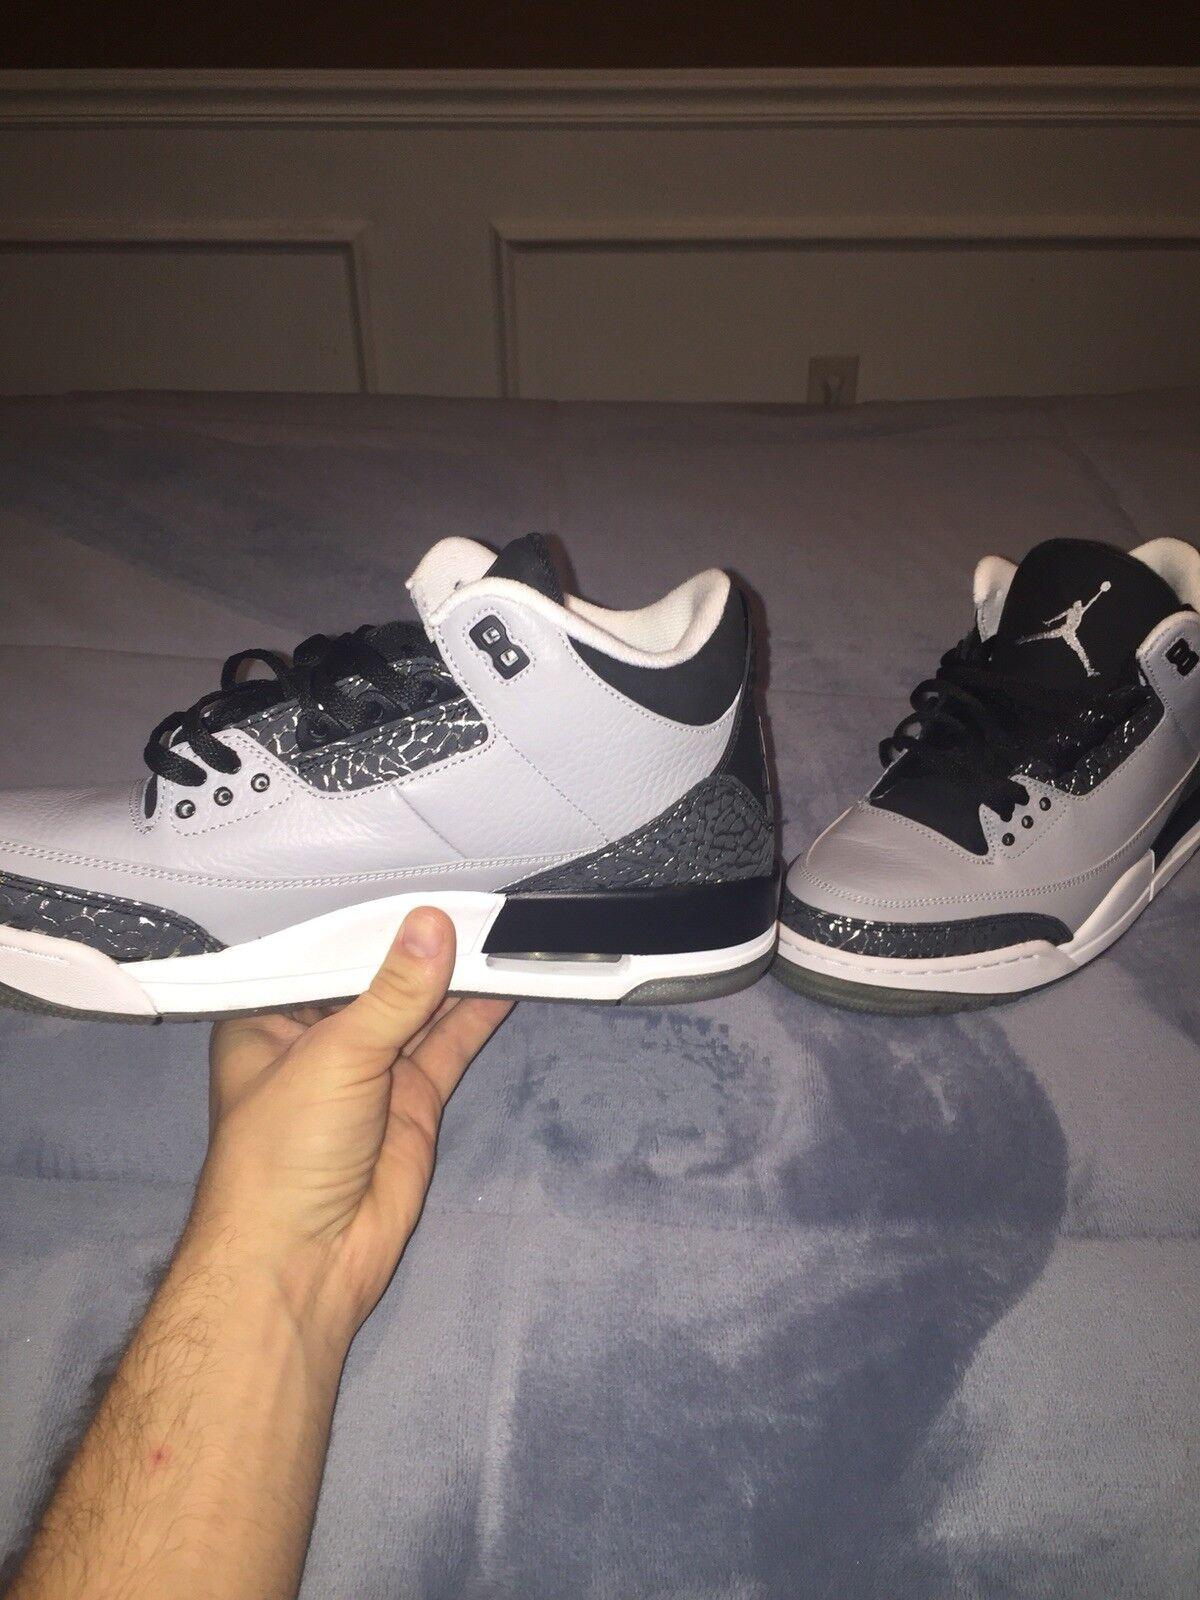 Nike air jordan iii 3 retrò lupo cemento grigio nero argento numero 9 136064-004